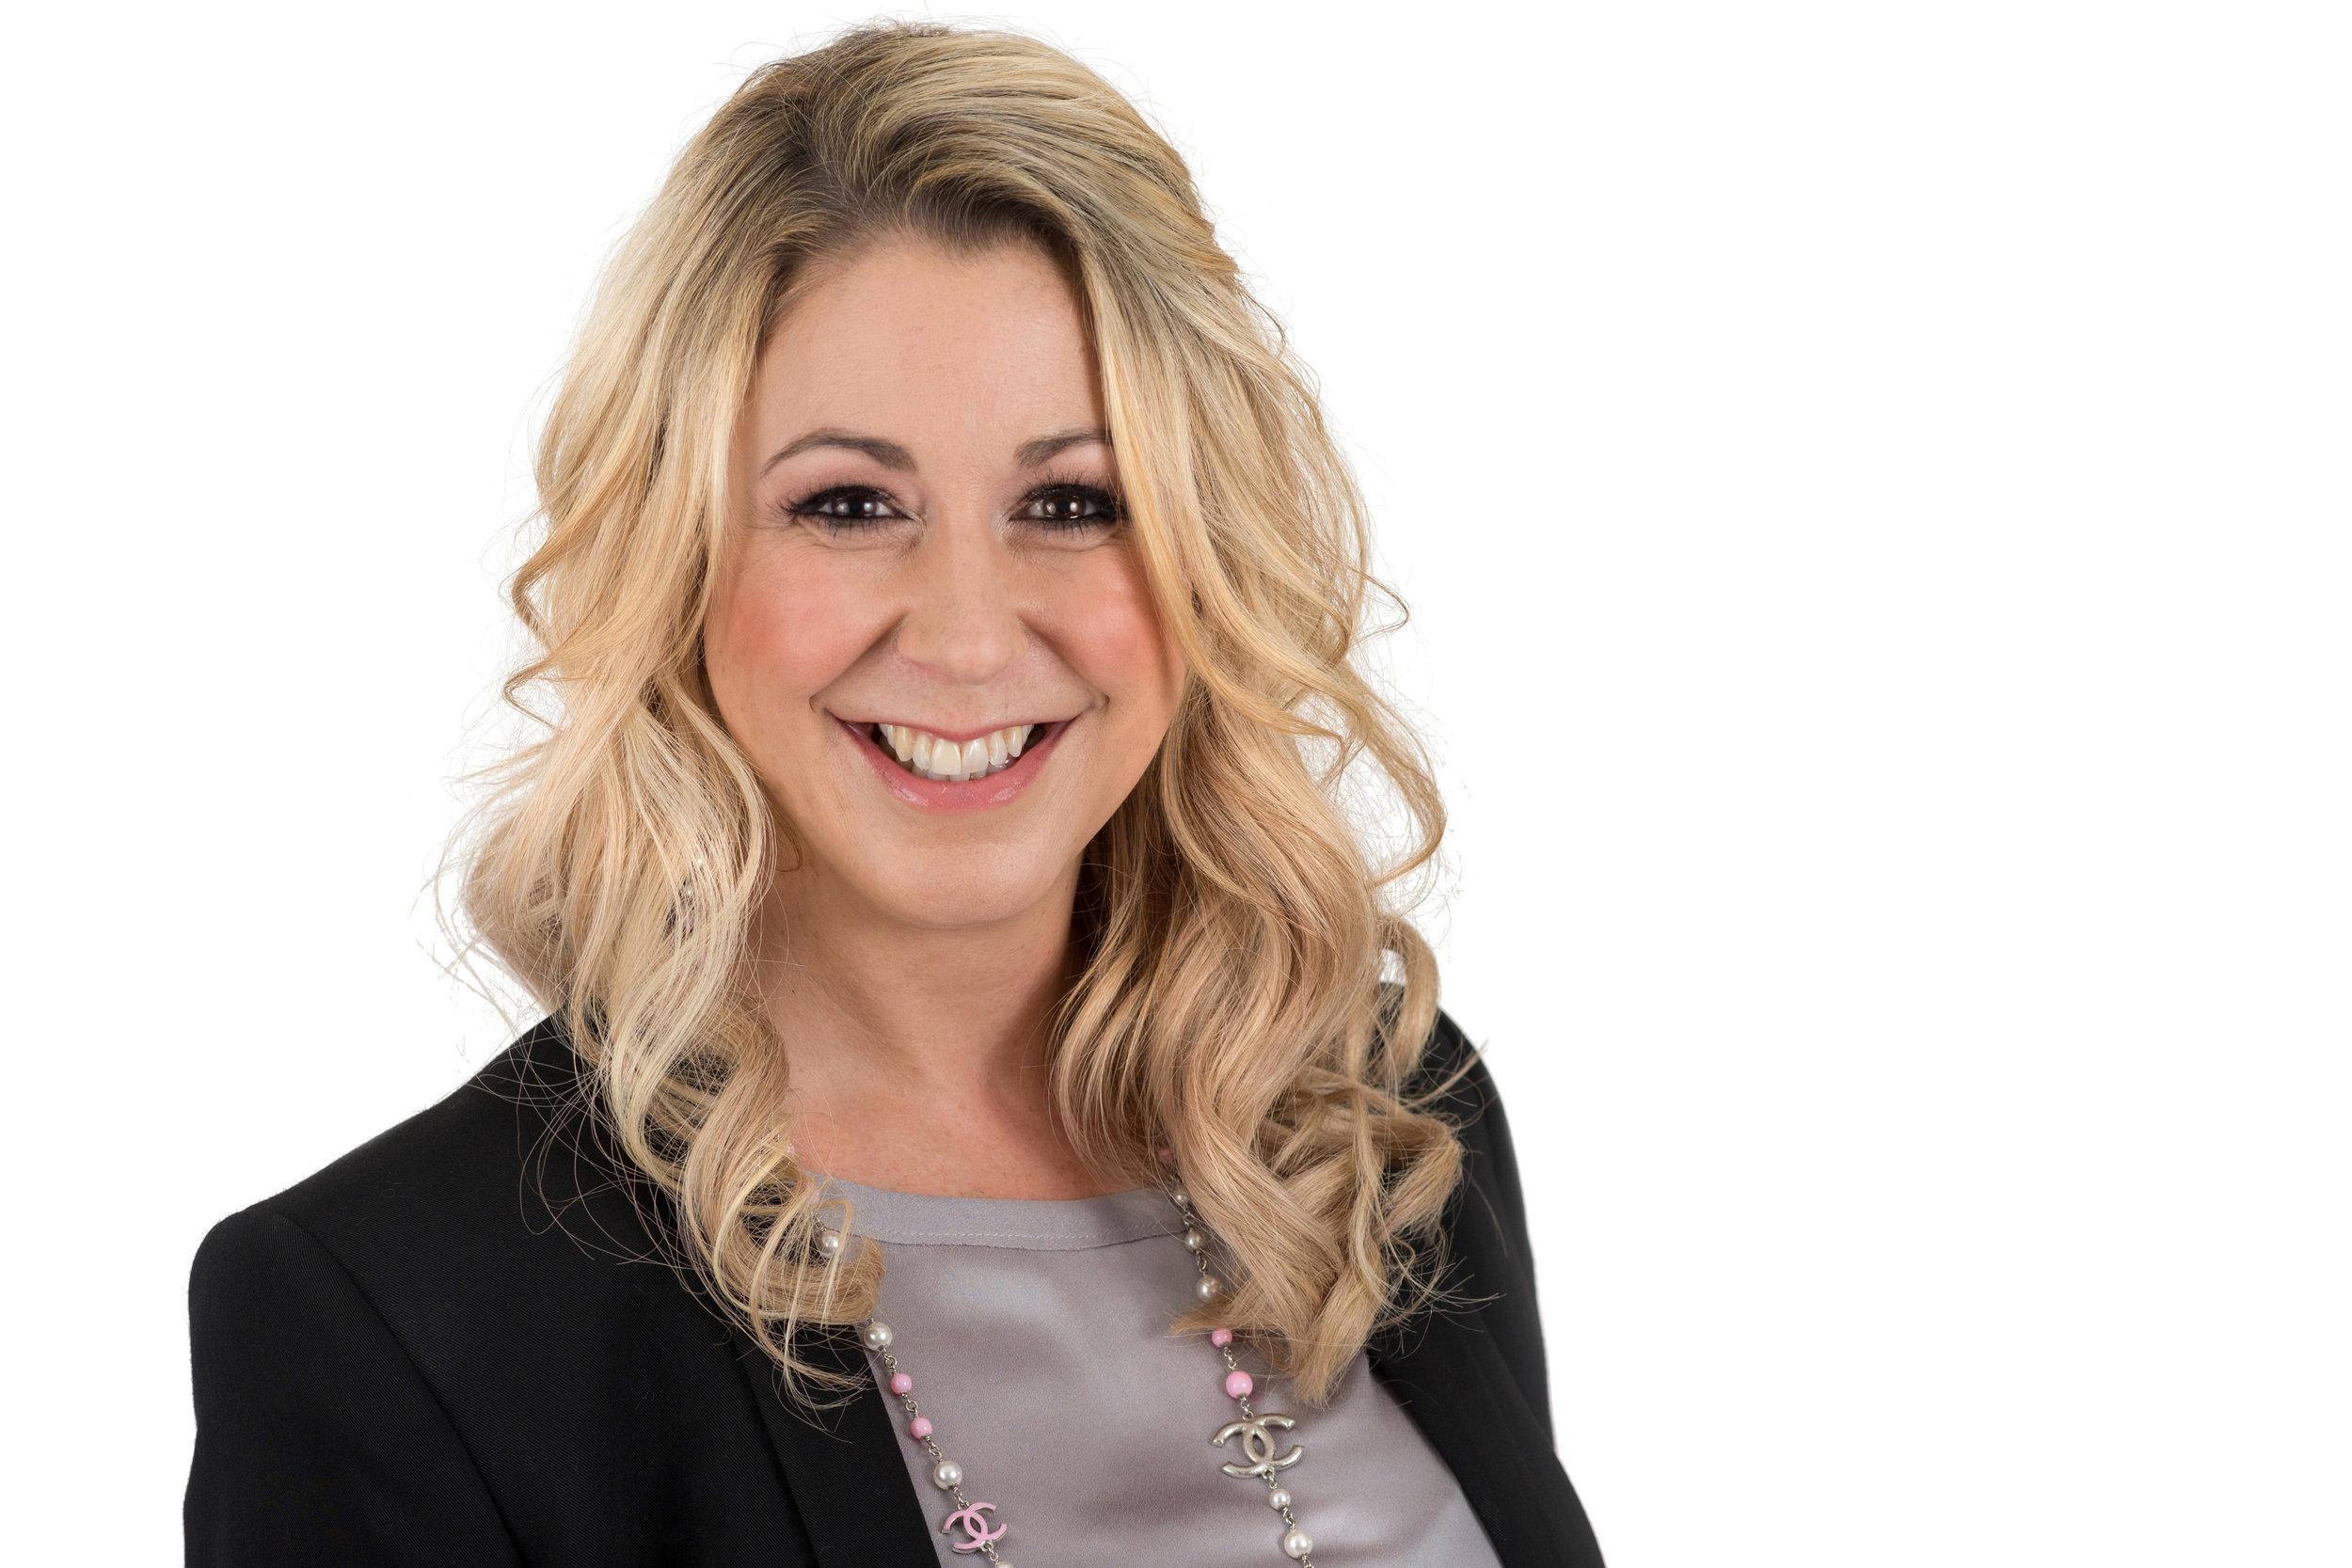 Blonde Businesswoman Headshot Photo Wearing Dark Jacket